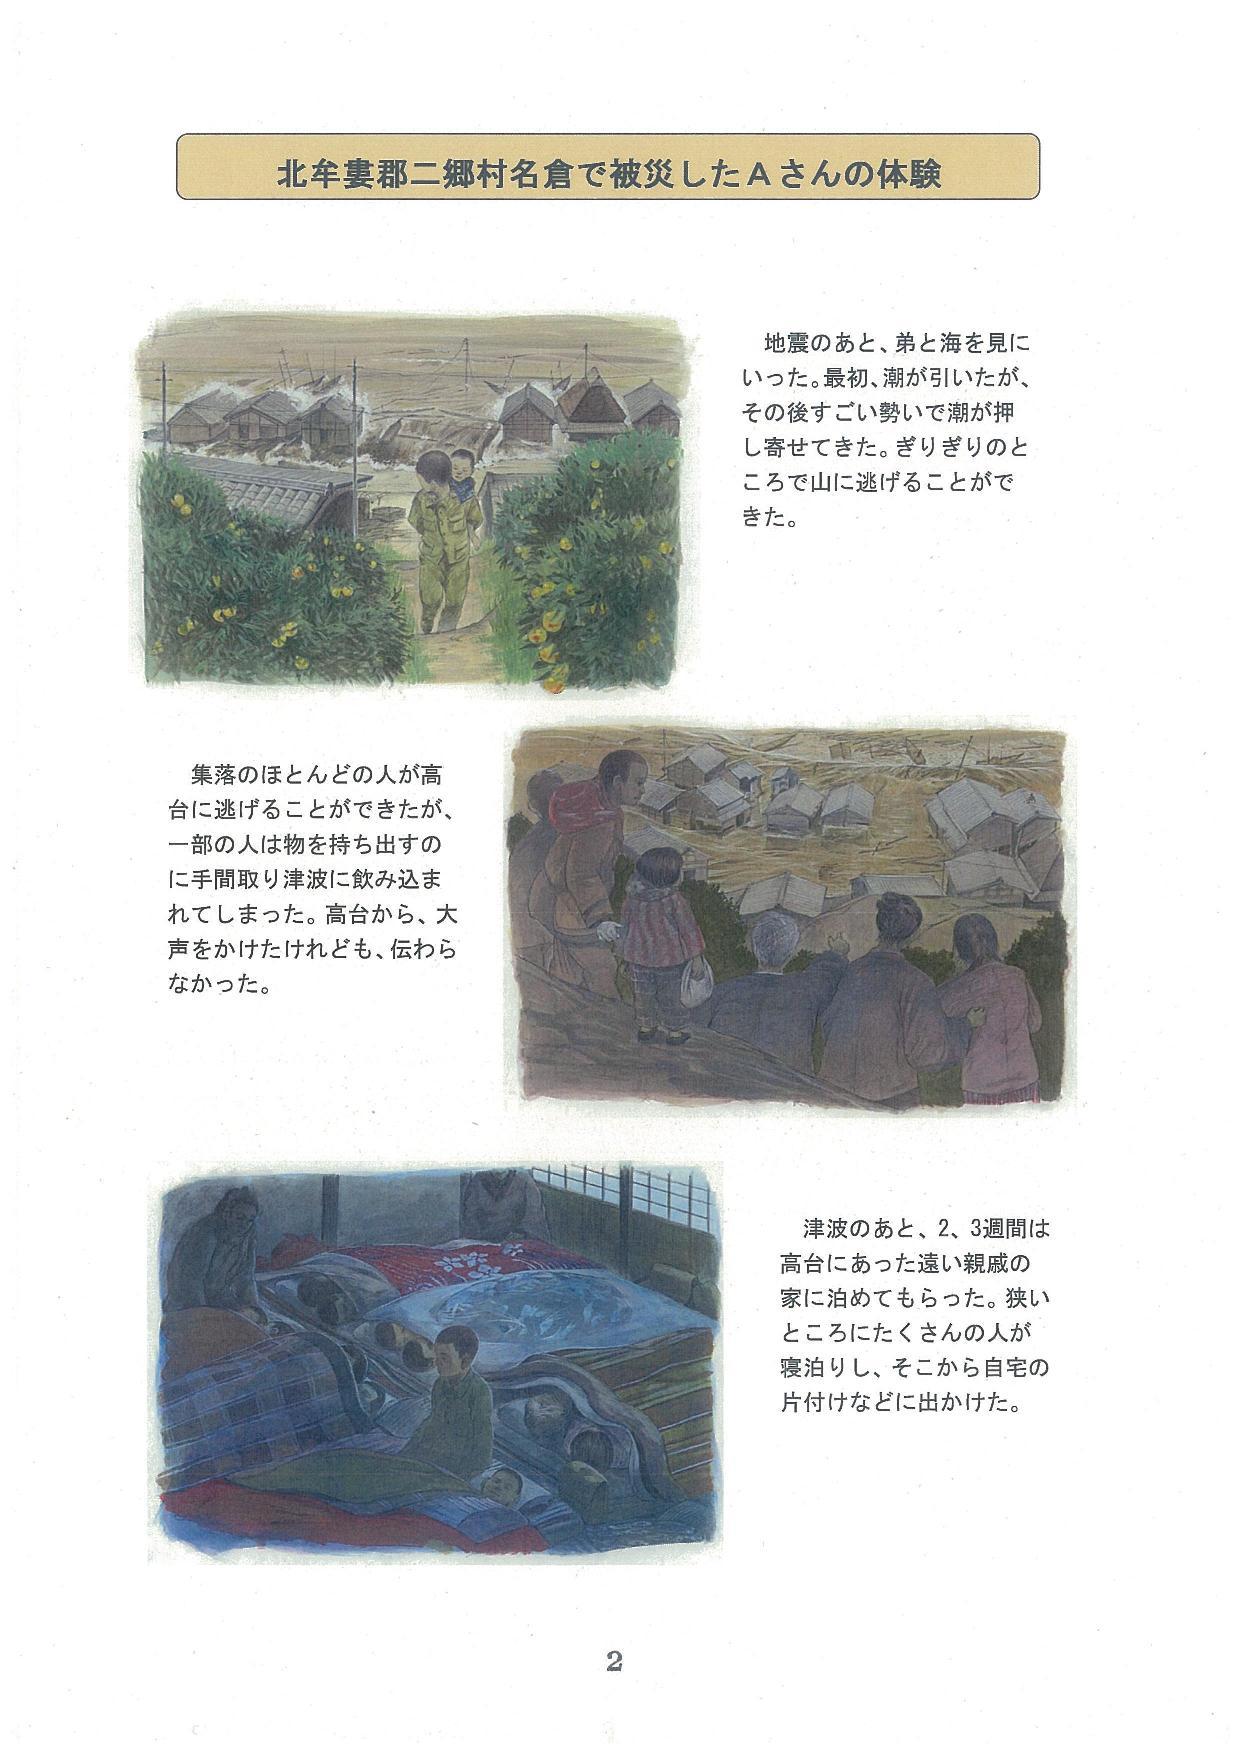 20171208-02_ページ_02